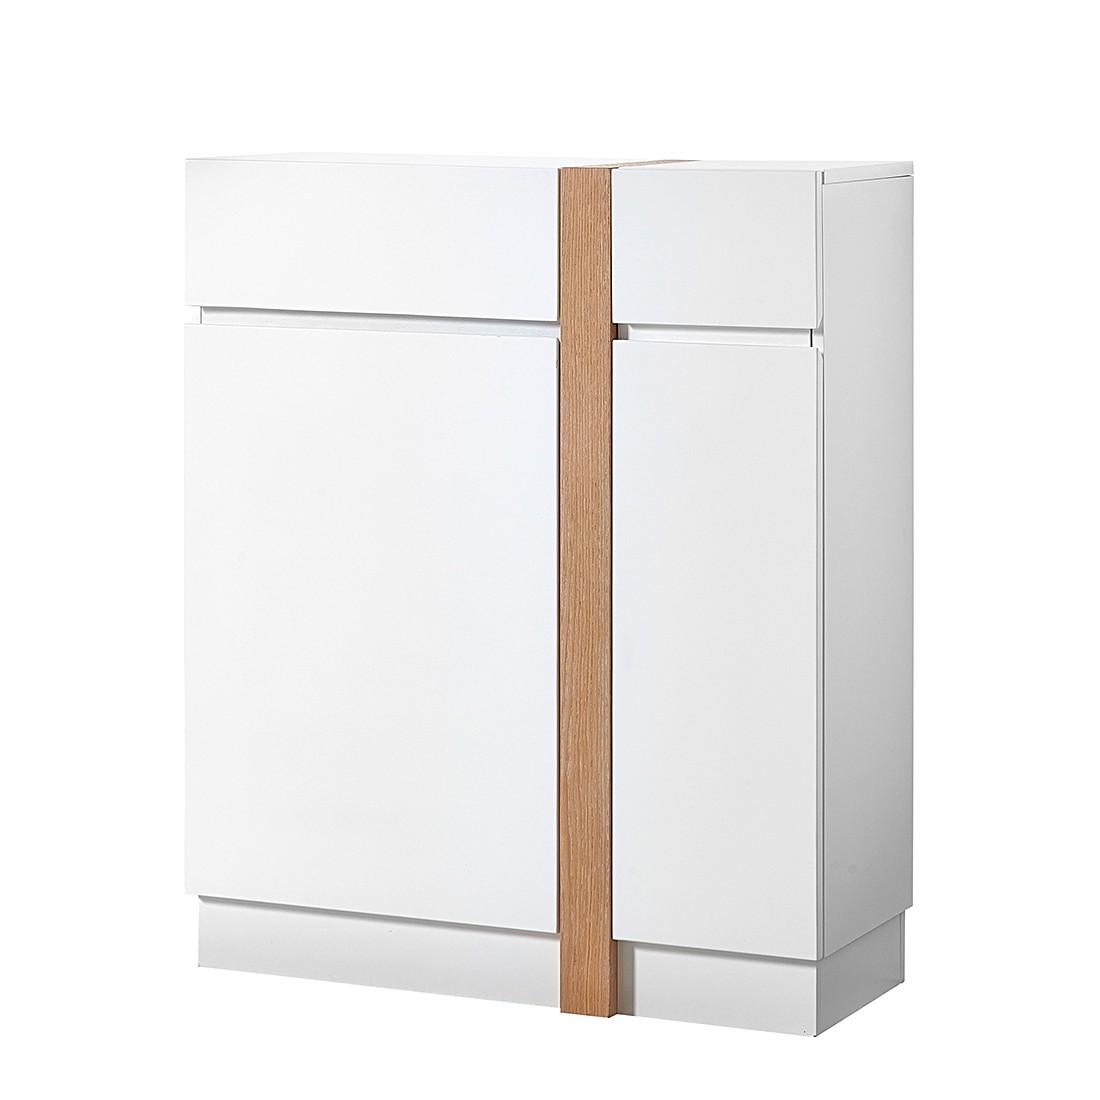 Schuhkommode Corredor – Supermatt Weiß/Eiche, loftscape günstig bestellen